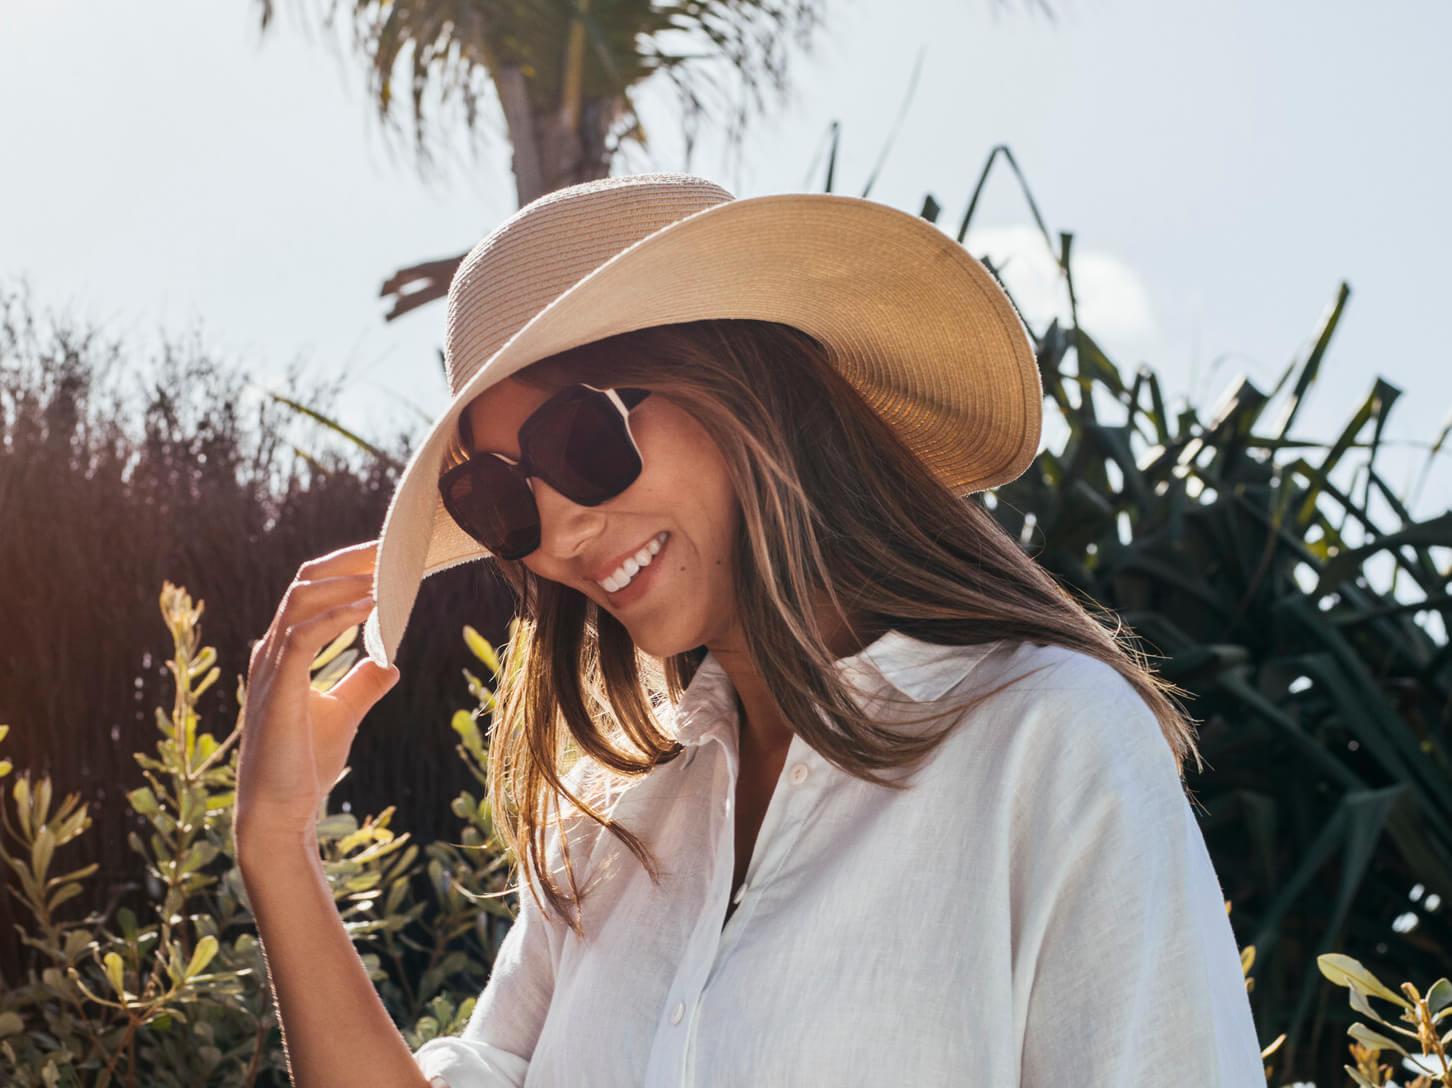 Christina in her hat wearing C ZAMPATTI SUN RX 18